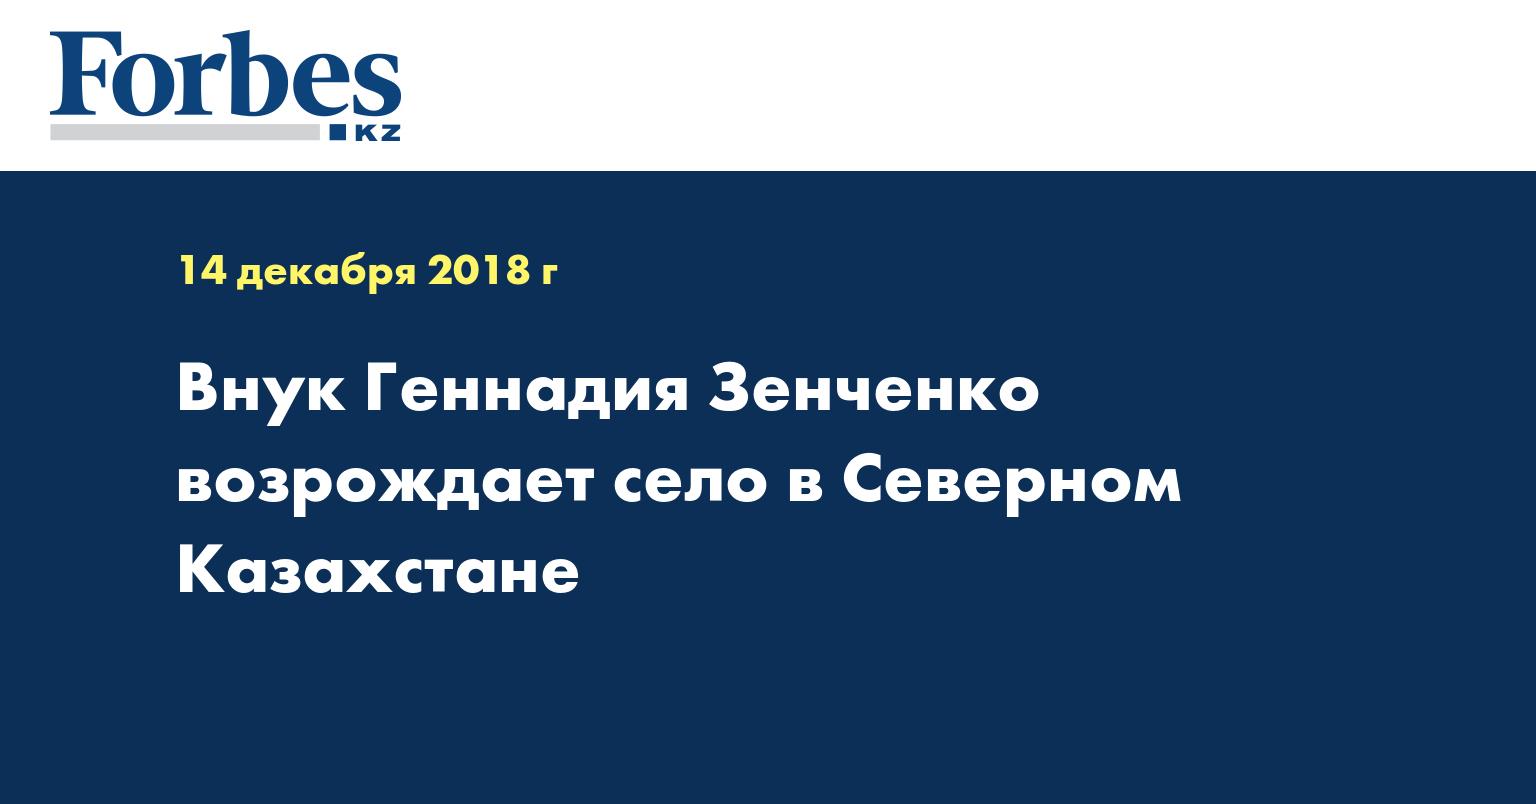 Внук Геннадия Зенченко возрождает село в Северном Казахстане